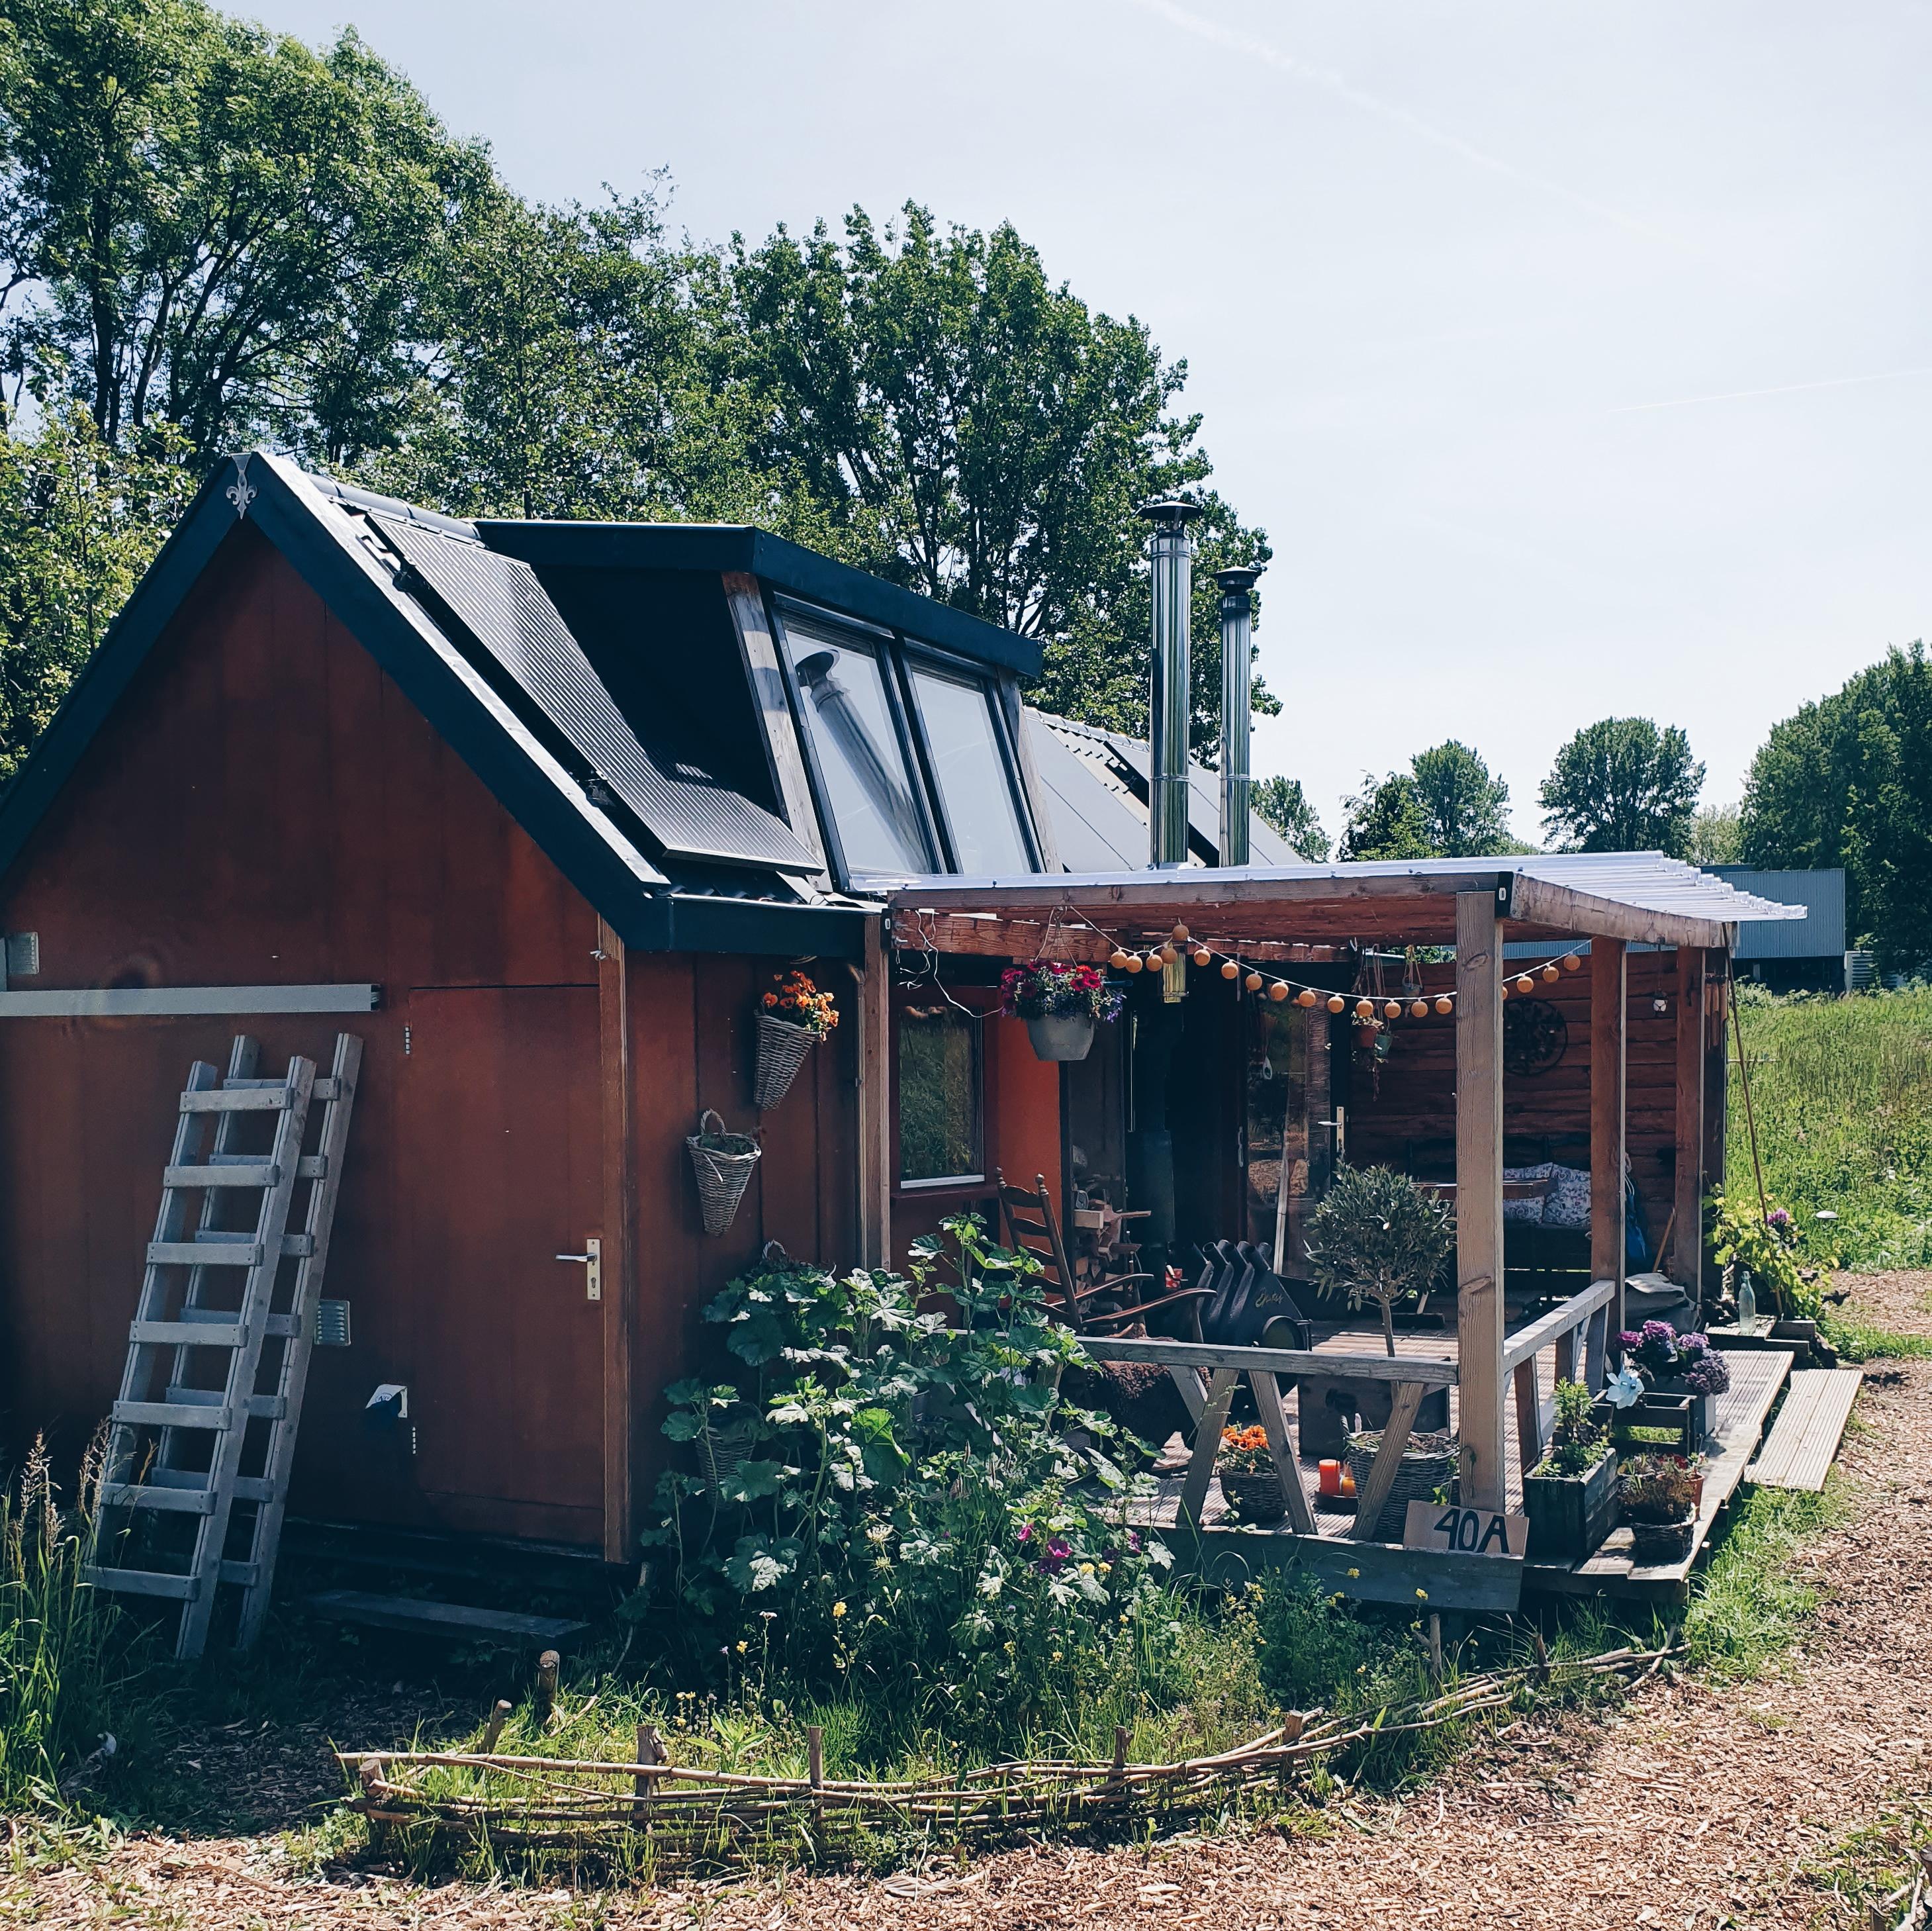 tiny village kleinhuizen